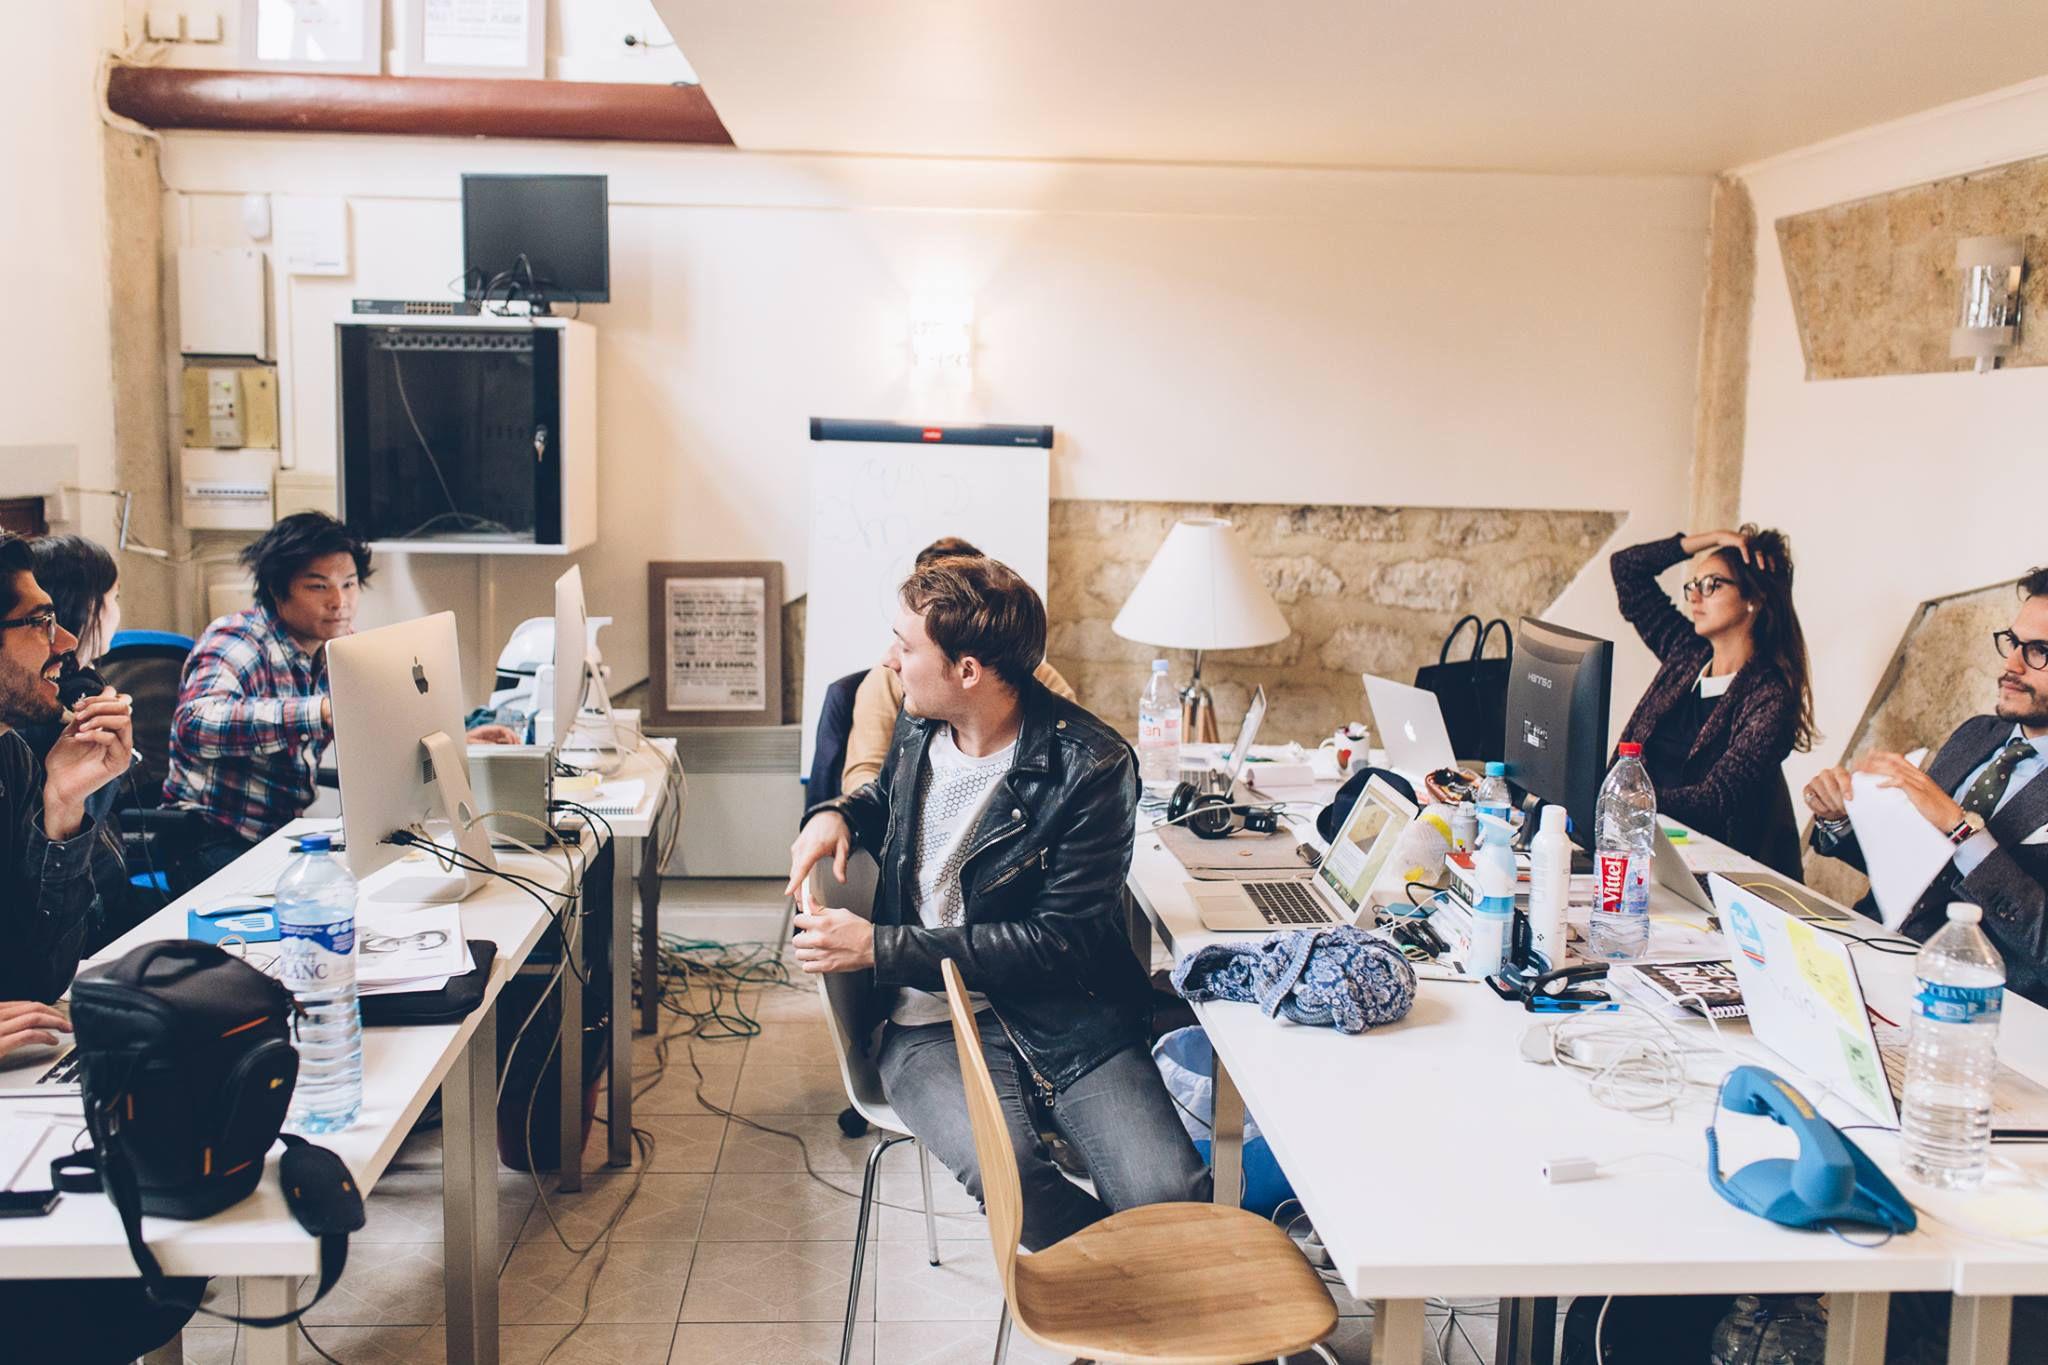 Les locaux de la startup bonnegueule